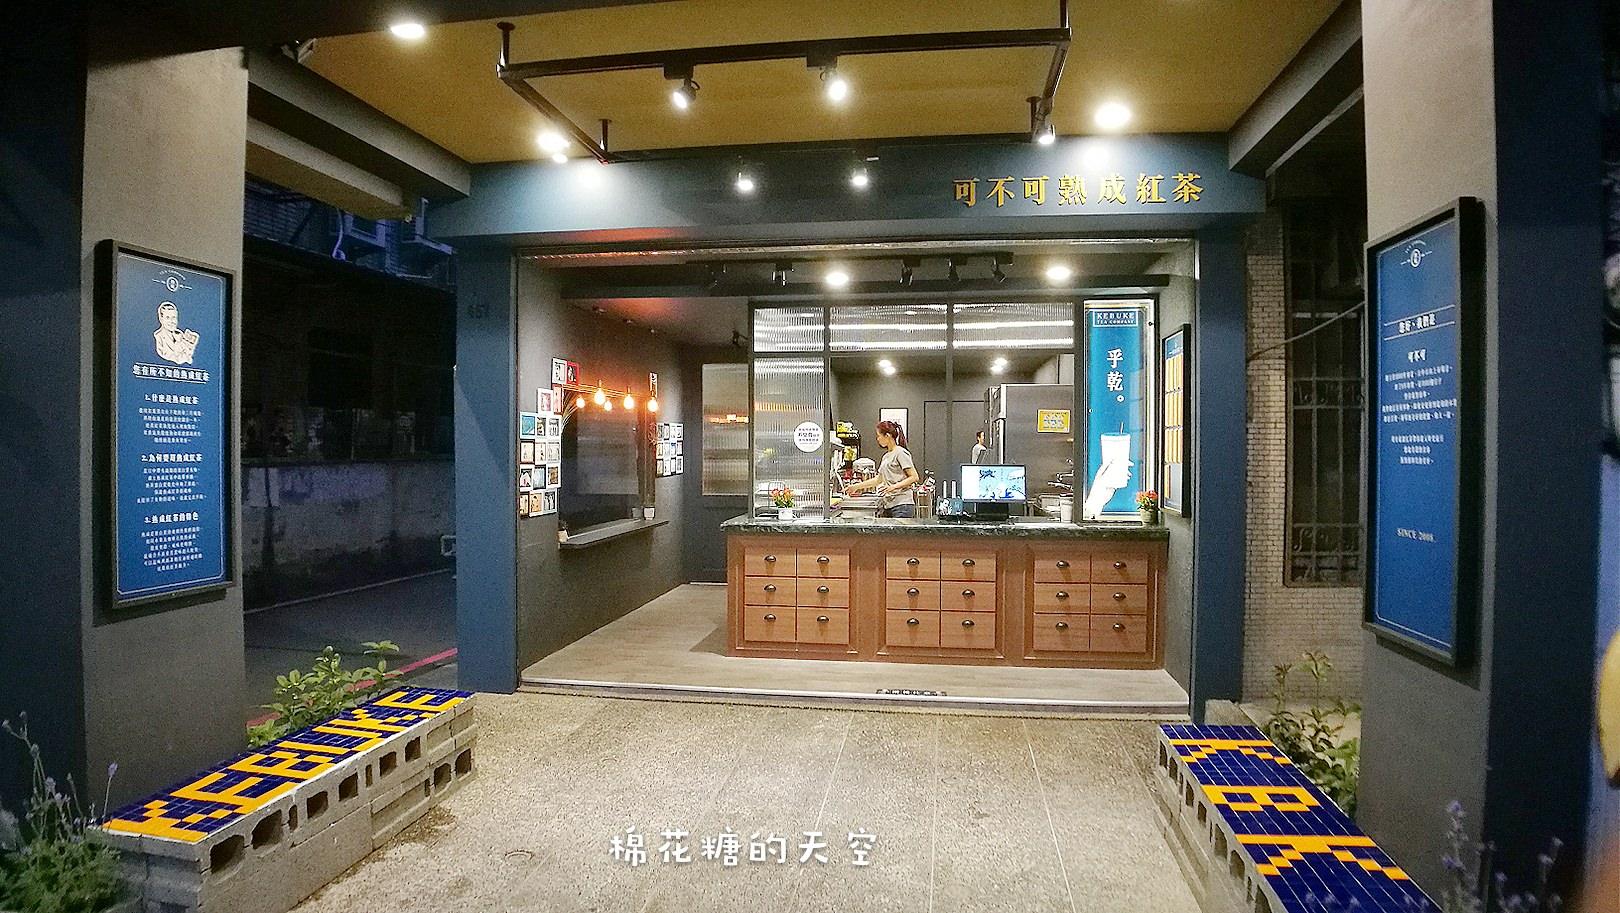 20180321212547 76 - 台中也有藍晒圖!可不可紅茶無極限阿!